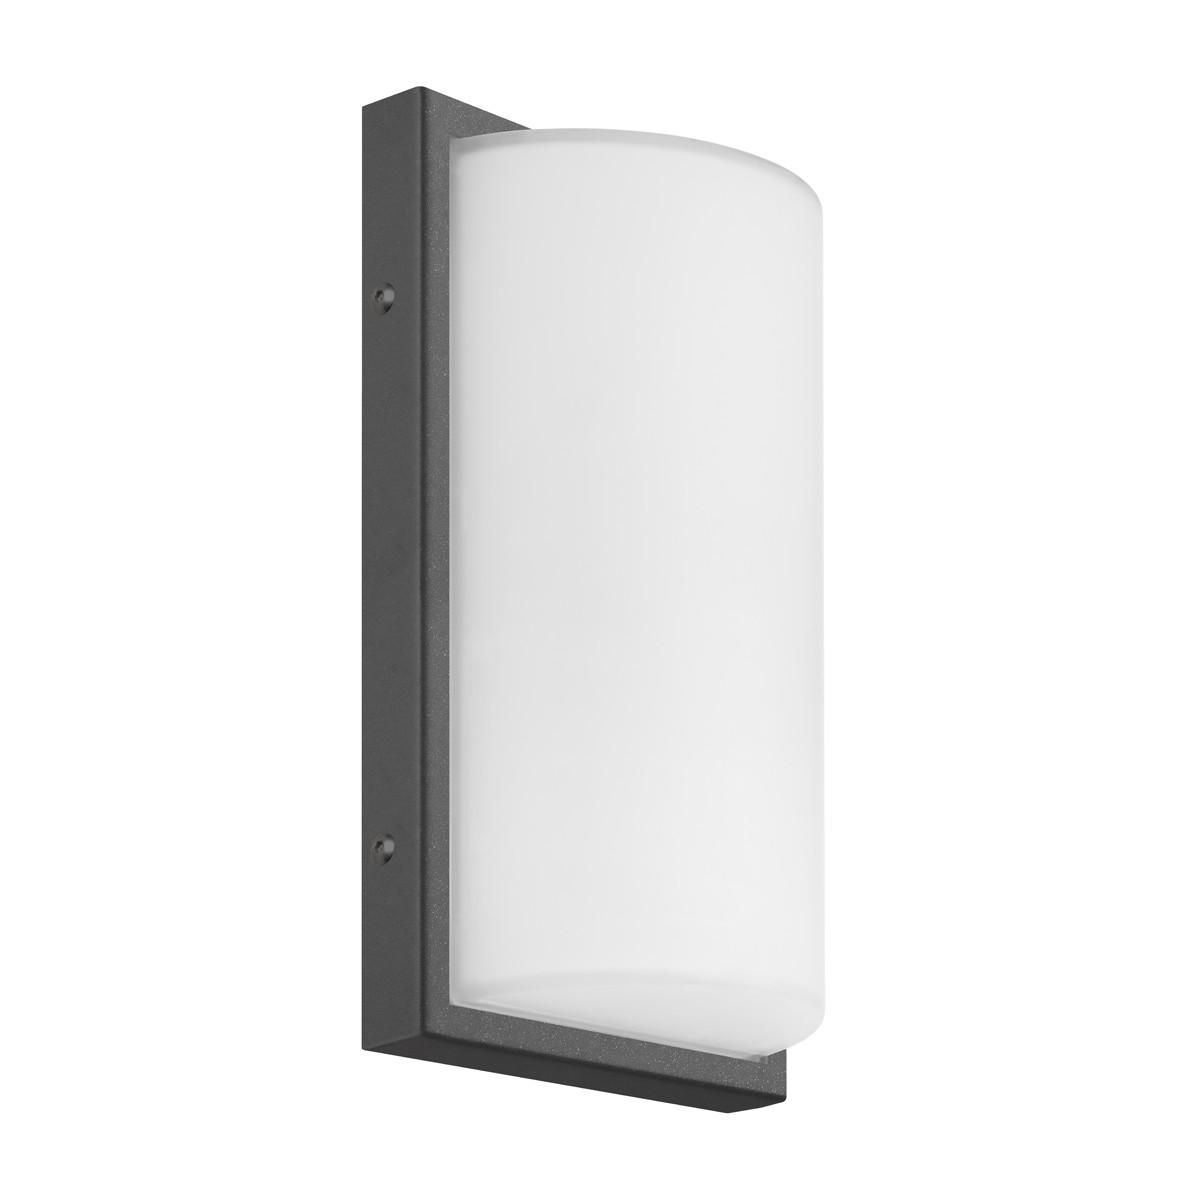 LCD Außenleuchten 039 Wandleuchte, graphit, ohne Bewegungsmelder